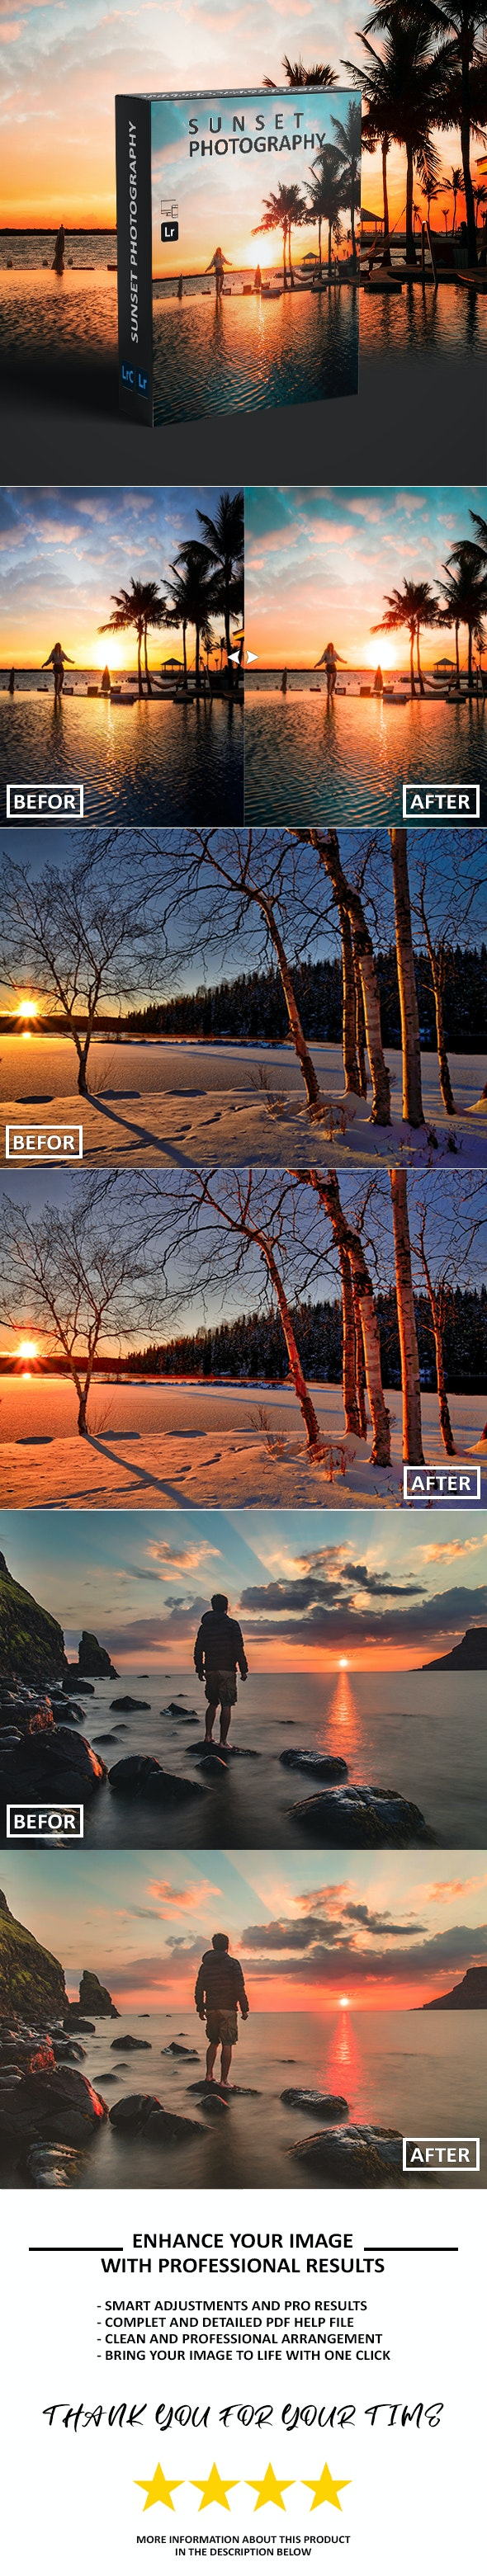 Pro Sunset Photography - Lightroom Presets - Lightroom Presets Add-ons